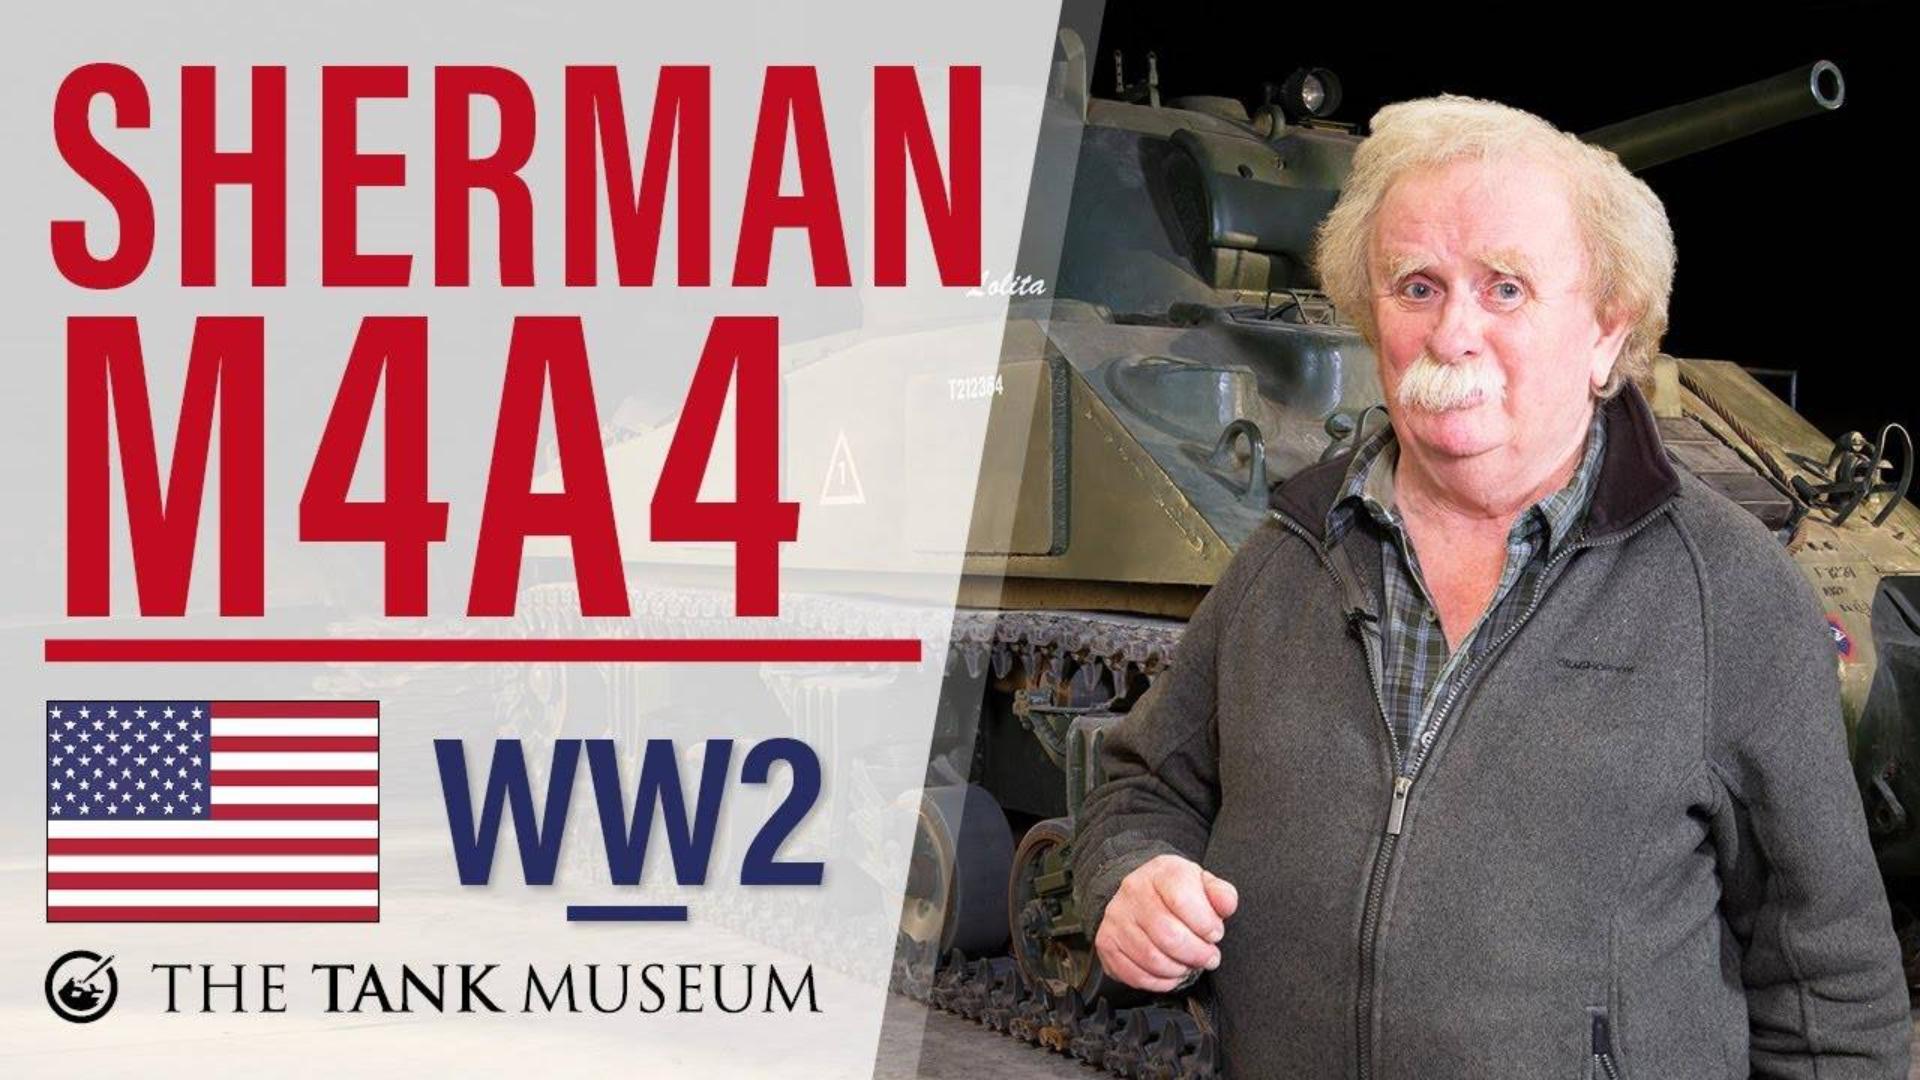 【坦克讲座/双语】大卫·弗莱彻-70-M4A4谢尔曼